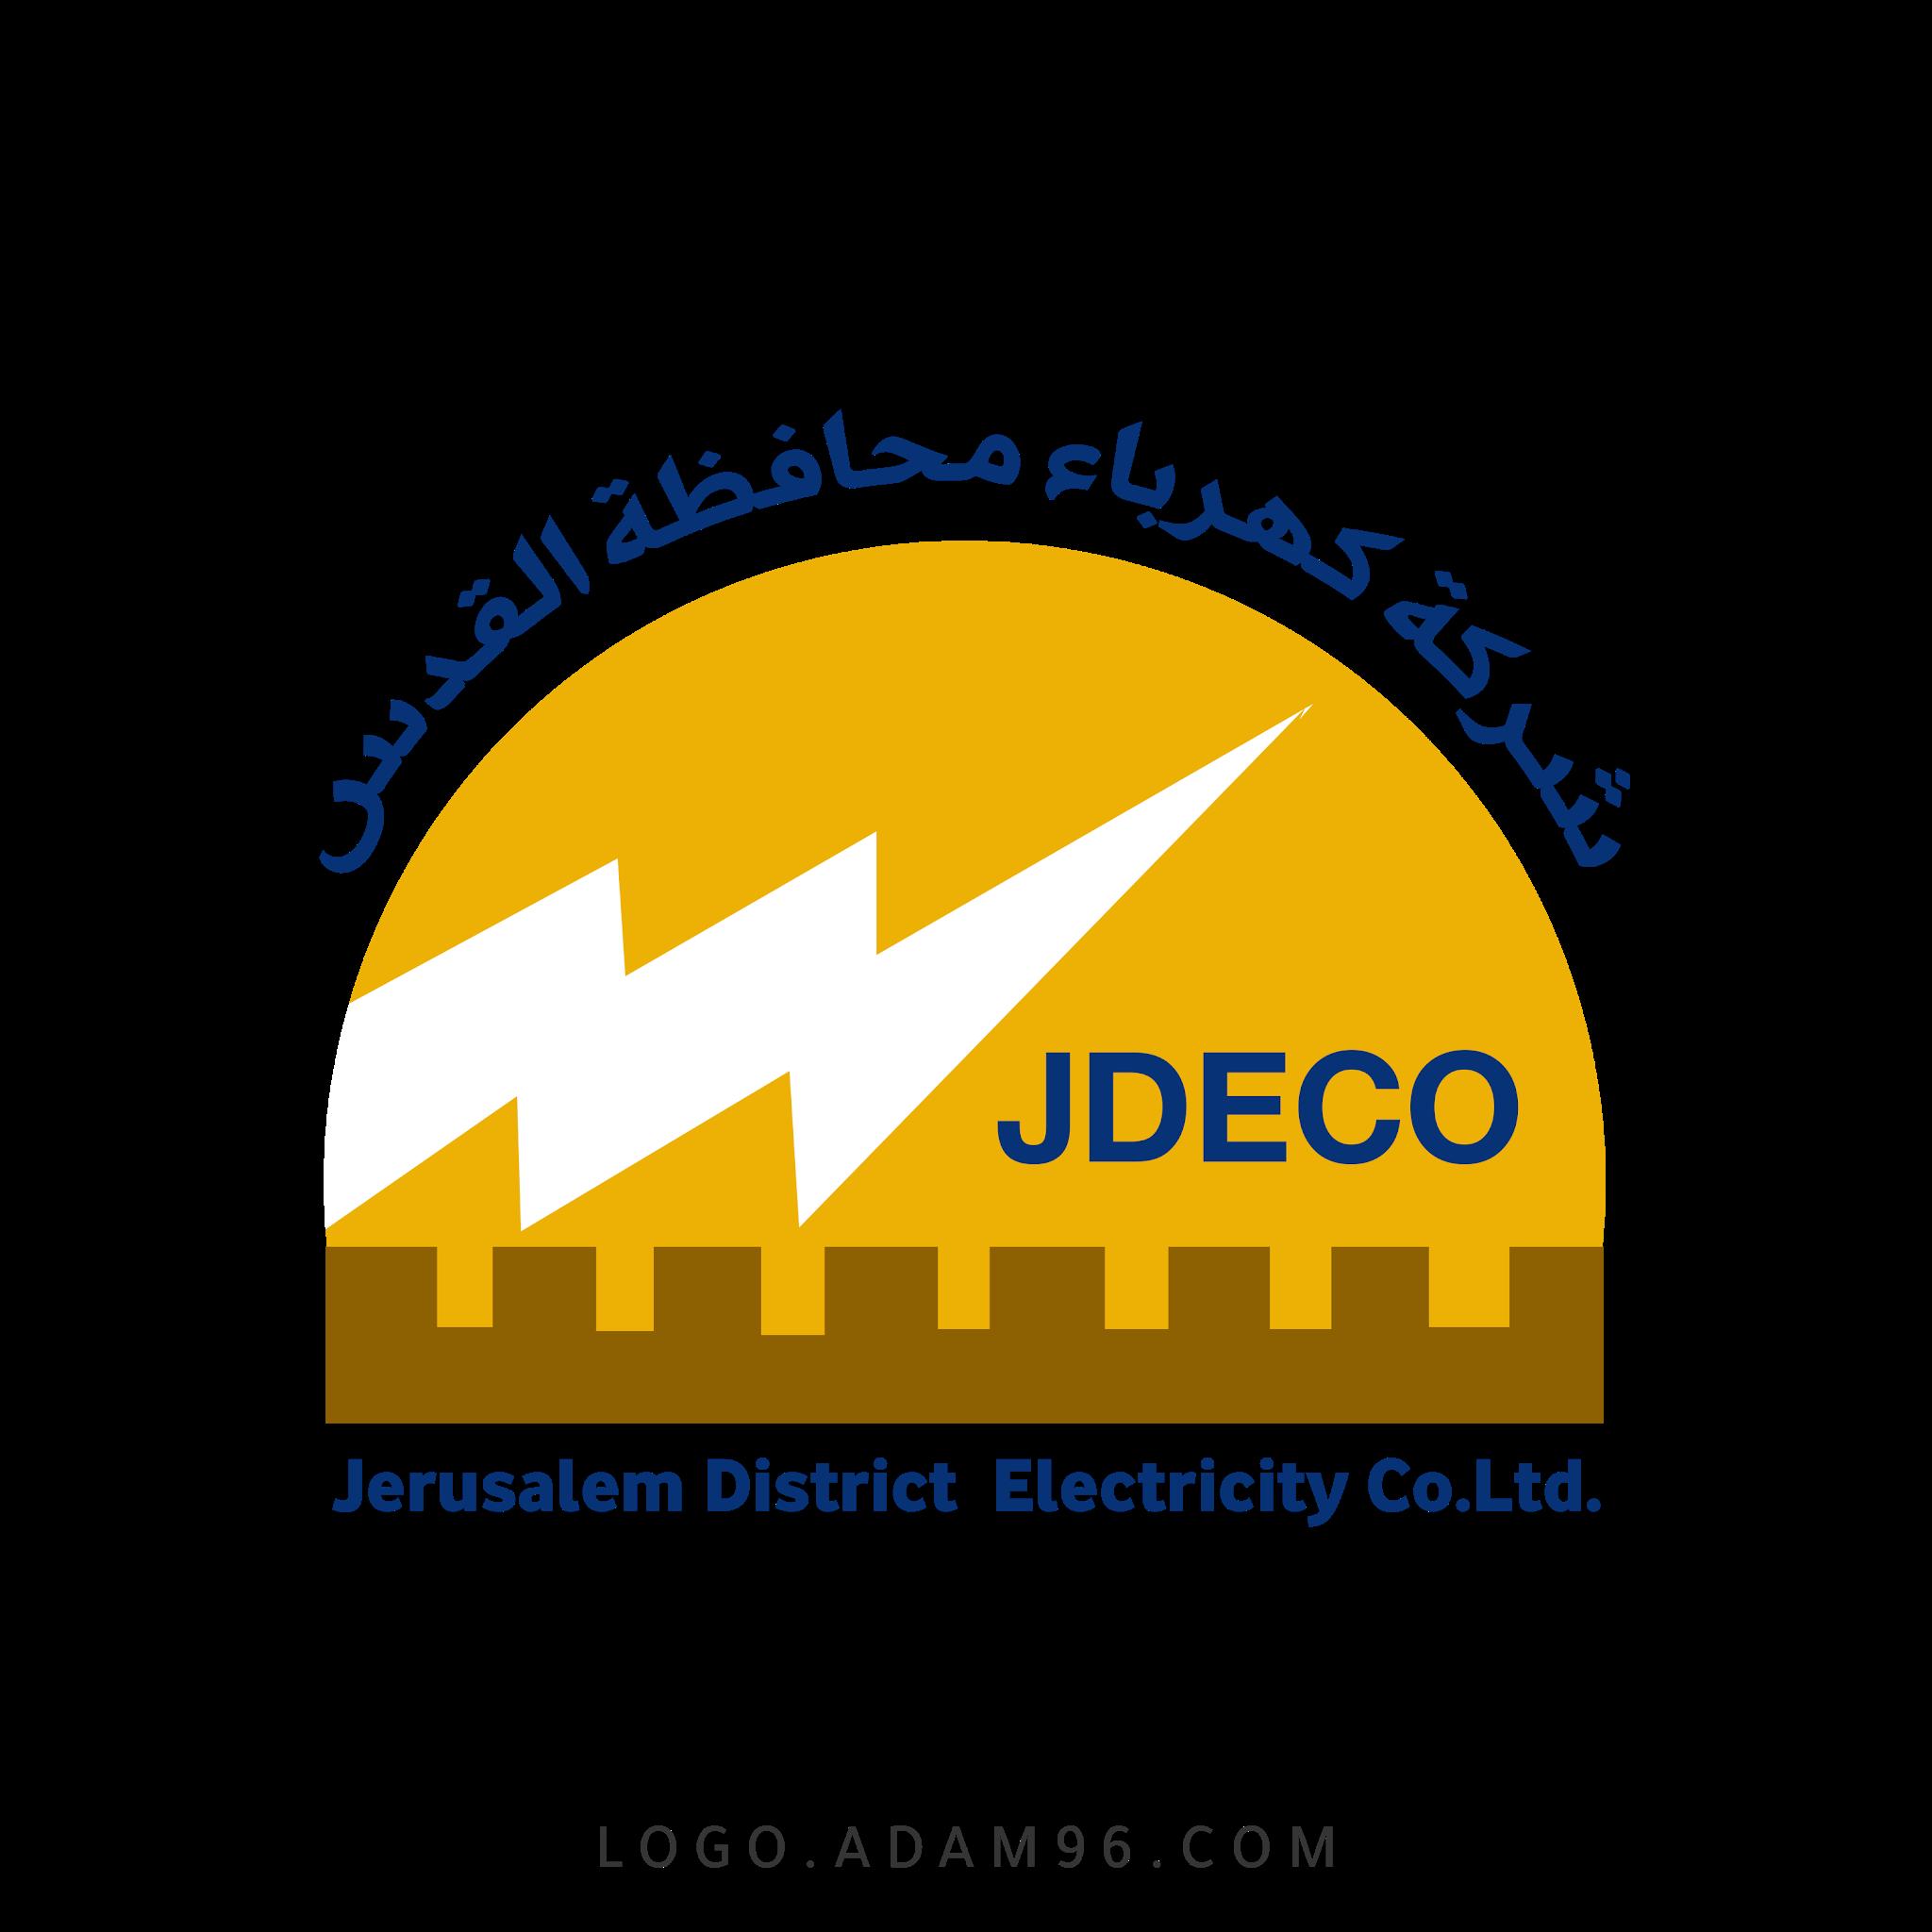 تحميل شعار شركة كهرباء محافظة القدس لوجو عالي الجودة بصيغة شفافة PNG